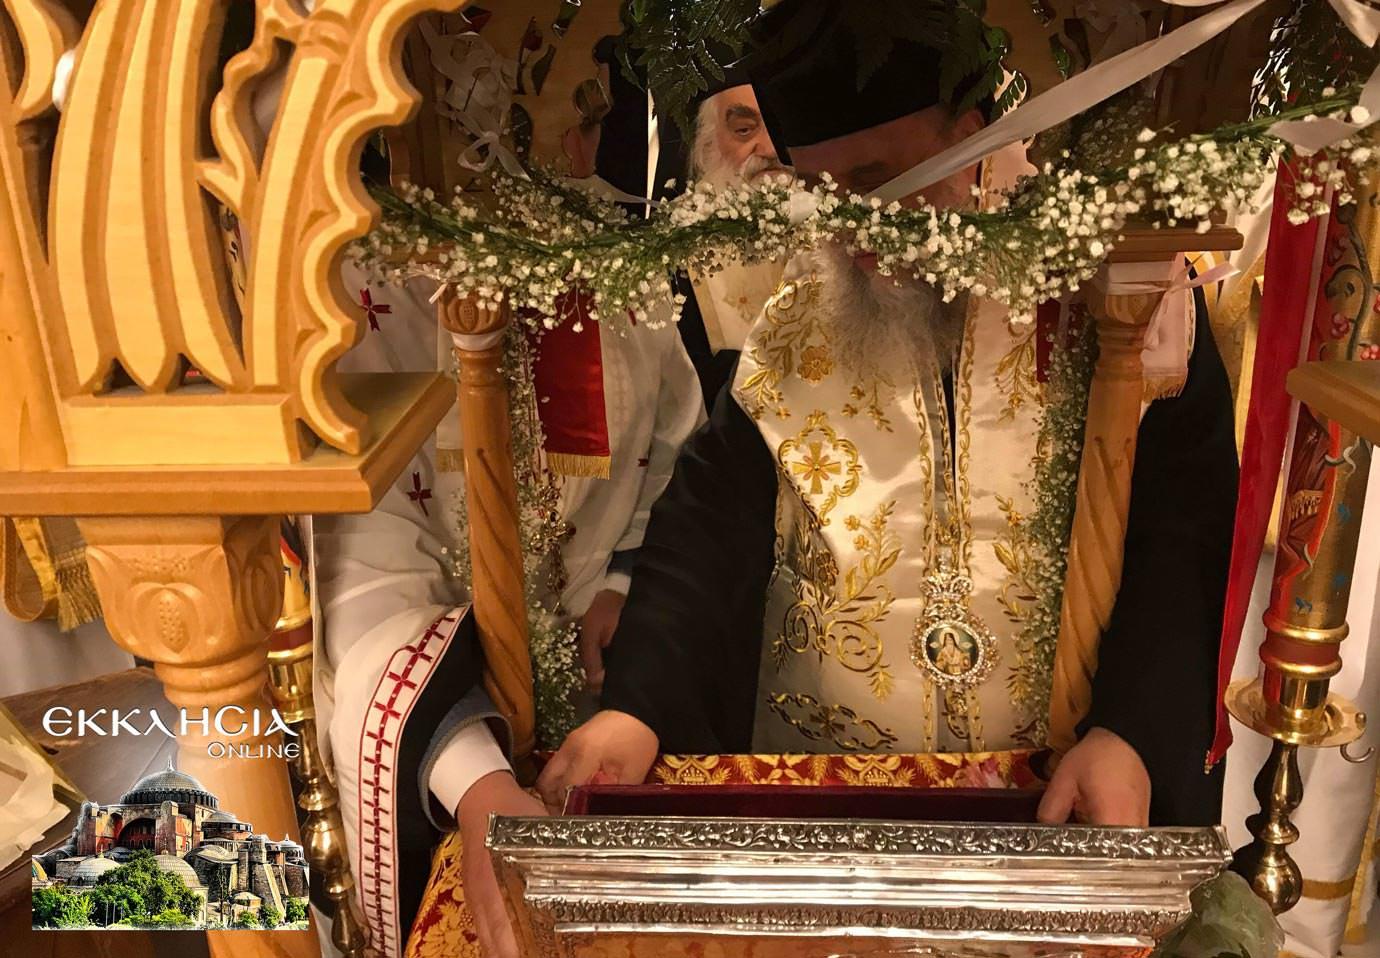 αγία ματρώνα ιερά λείψανα ερυθραία